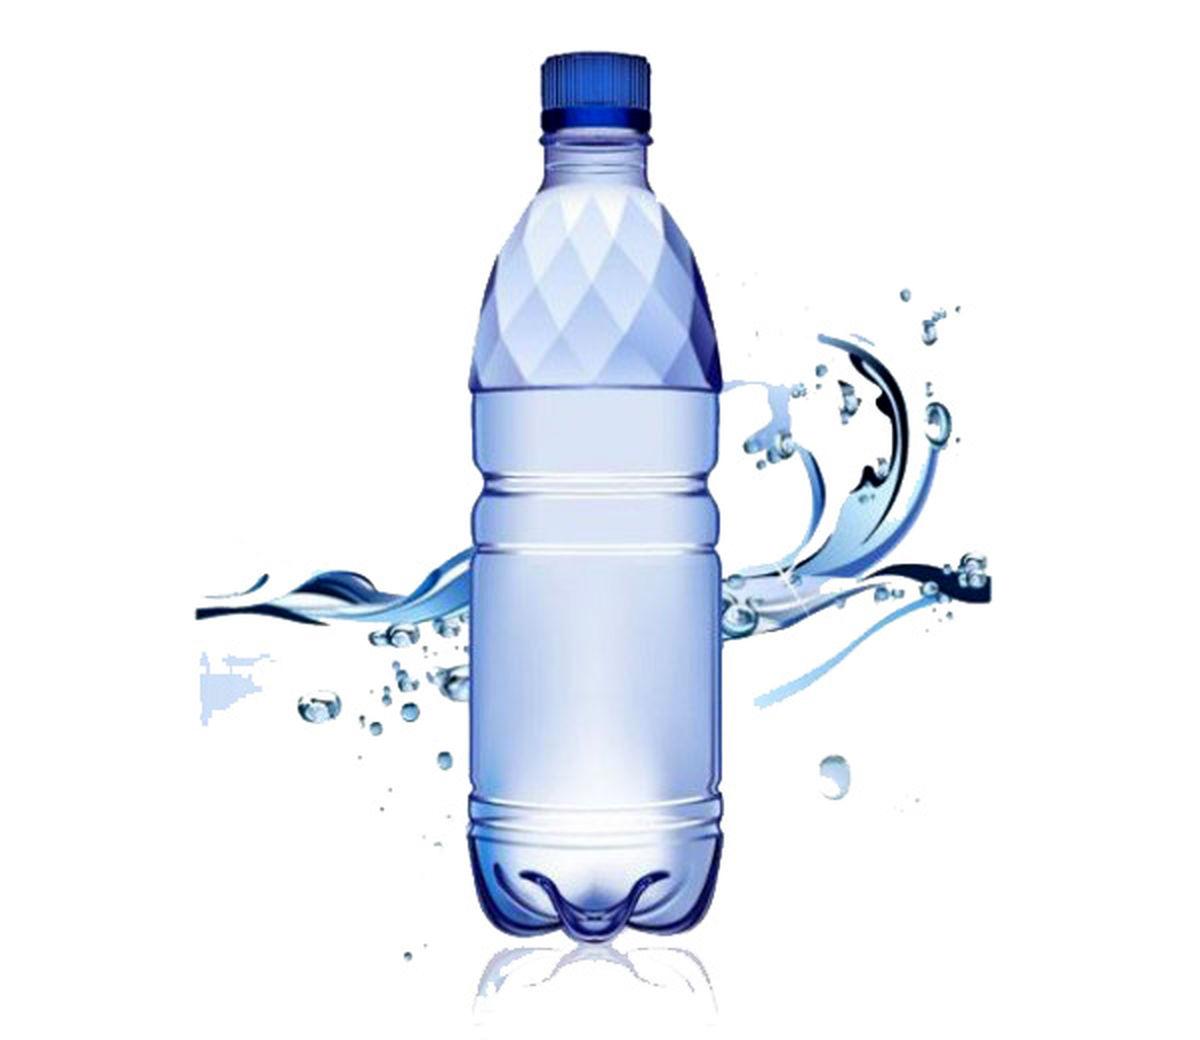 آب معدنی کوچک